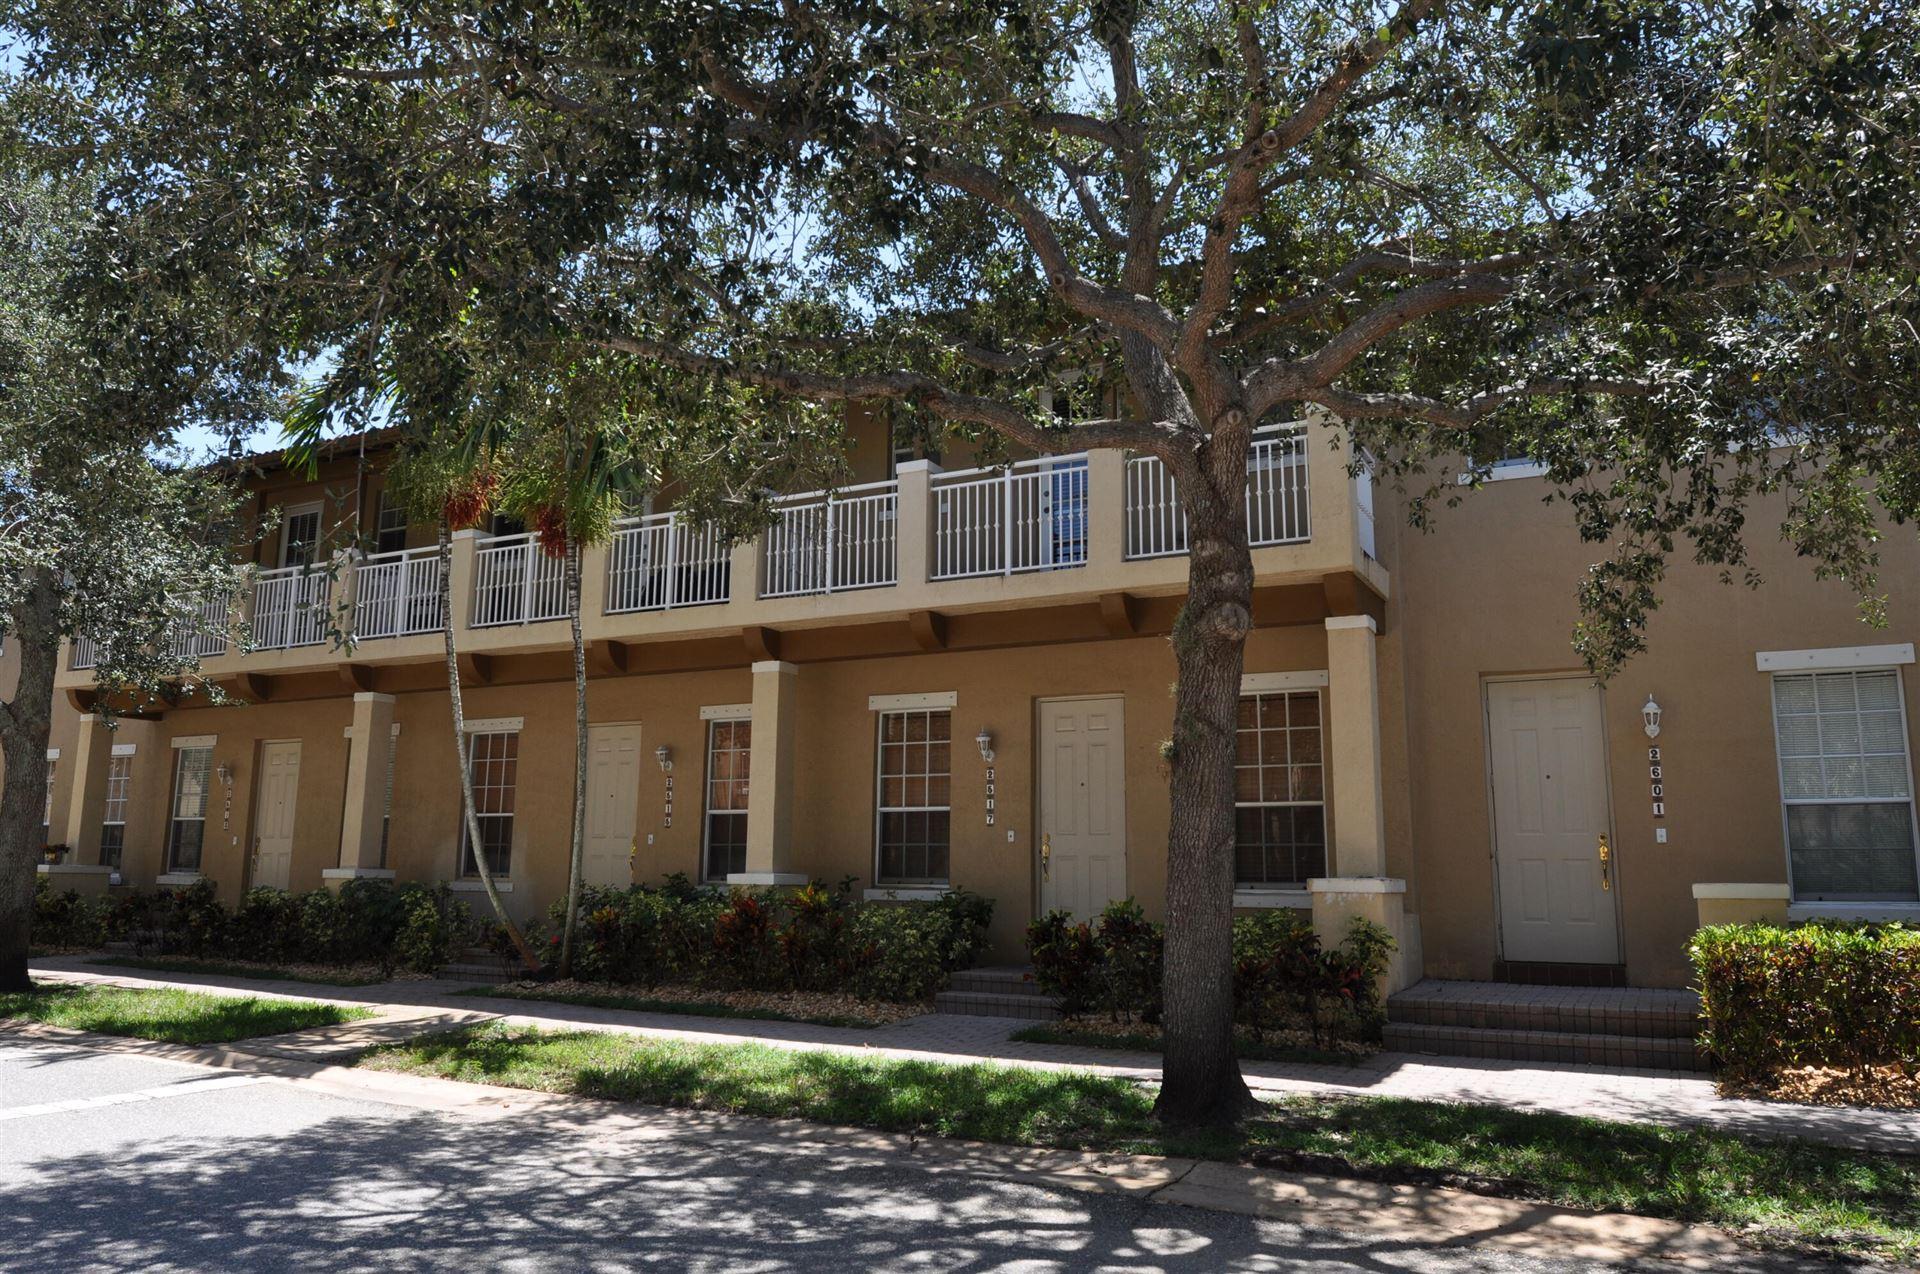 2517 NW 7th Street, Boynton Beach, FL 33426 - #: RX-10727820